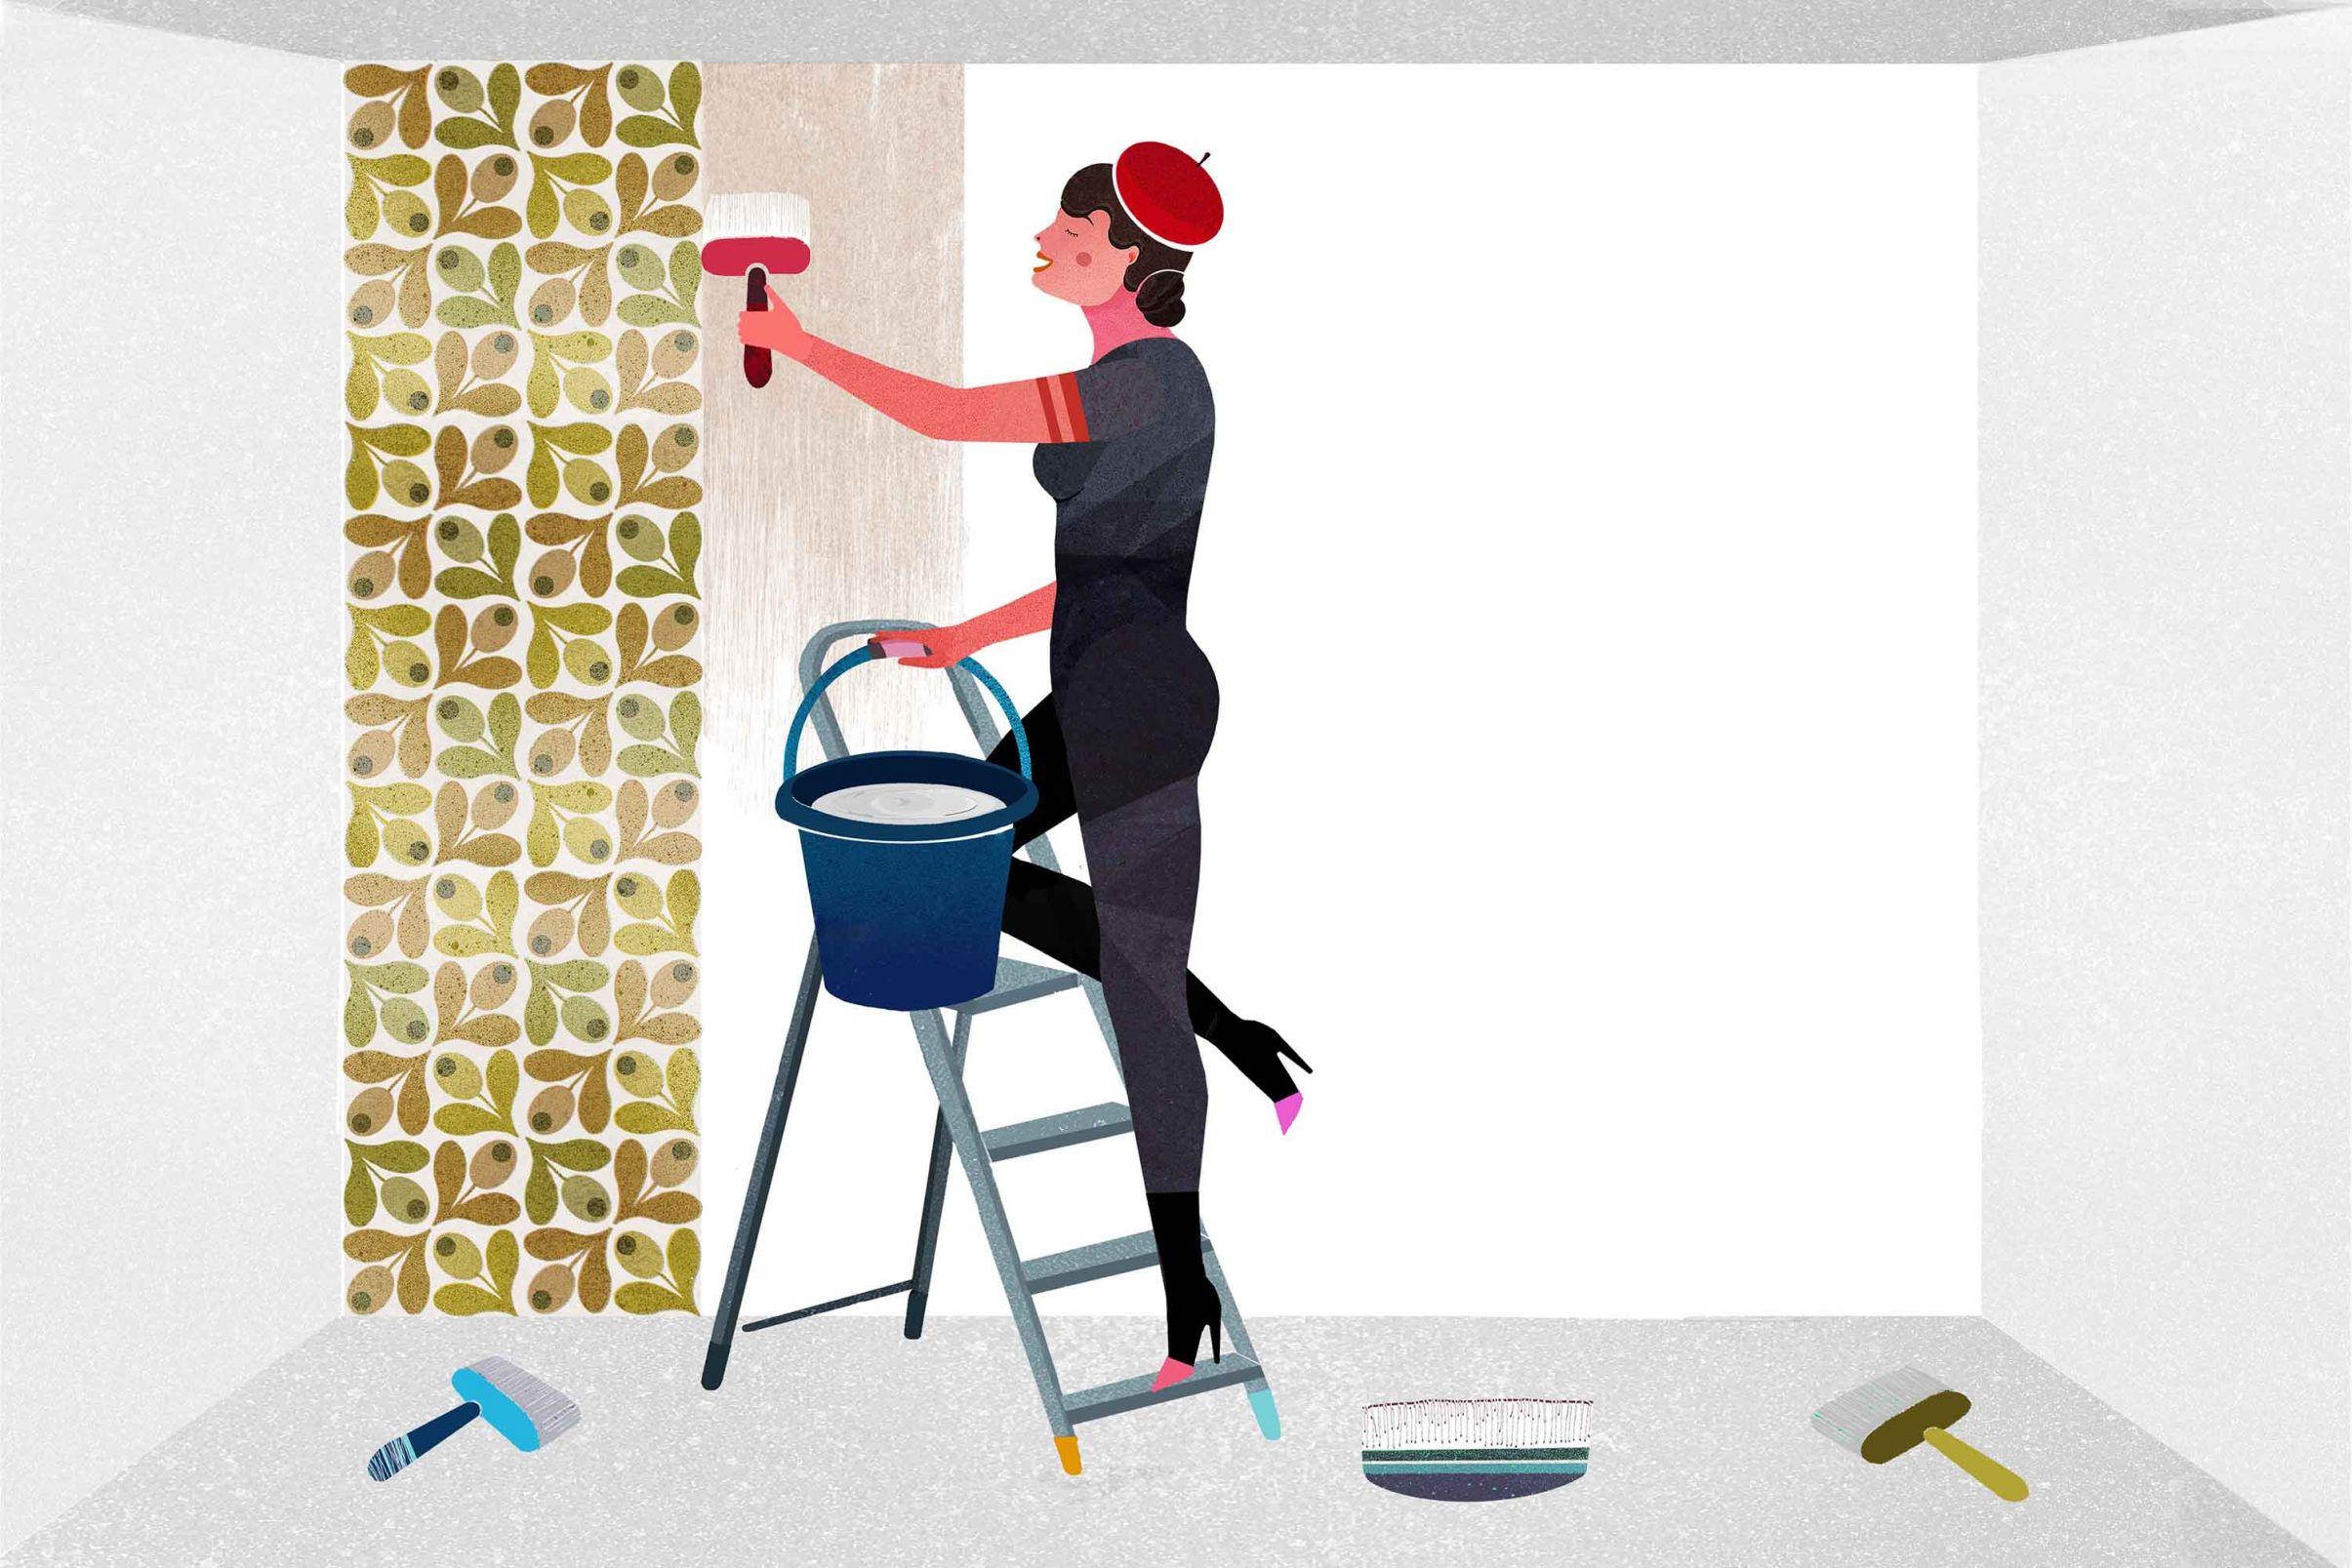 Come-posare-una-carta-da-parati-in-tessuto-non-tessuto-Applicare-la-colla-sulla-parete